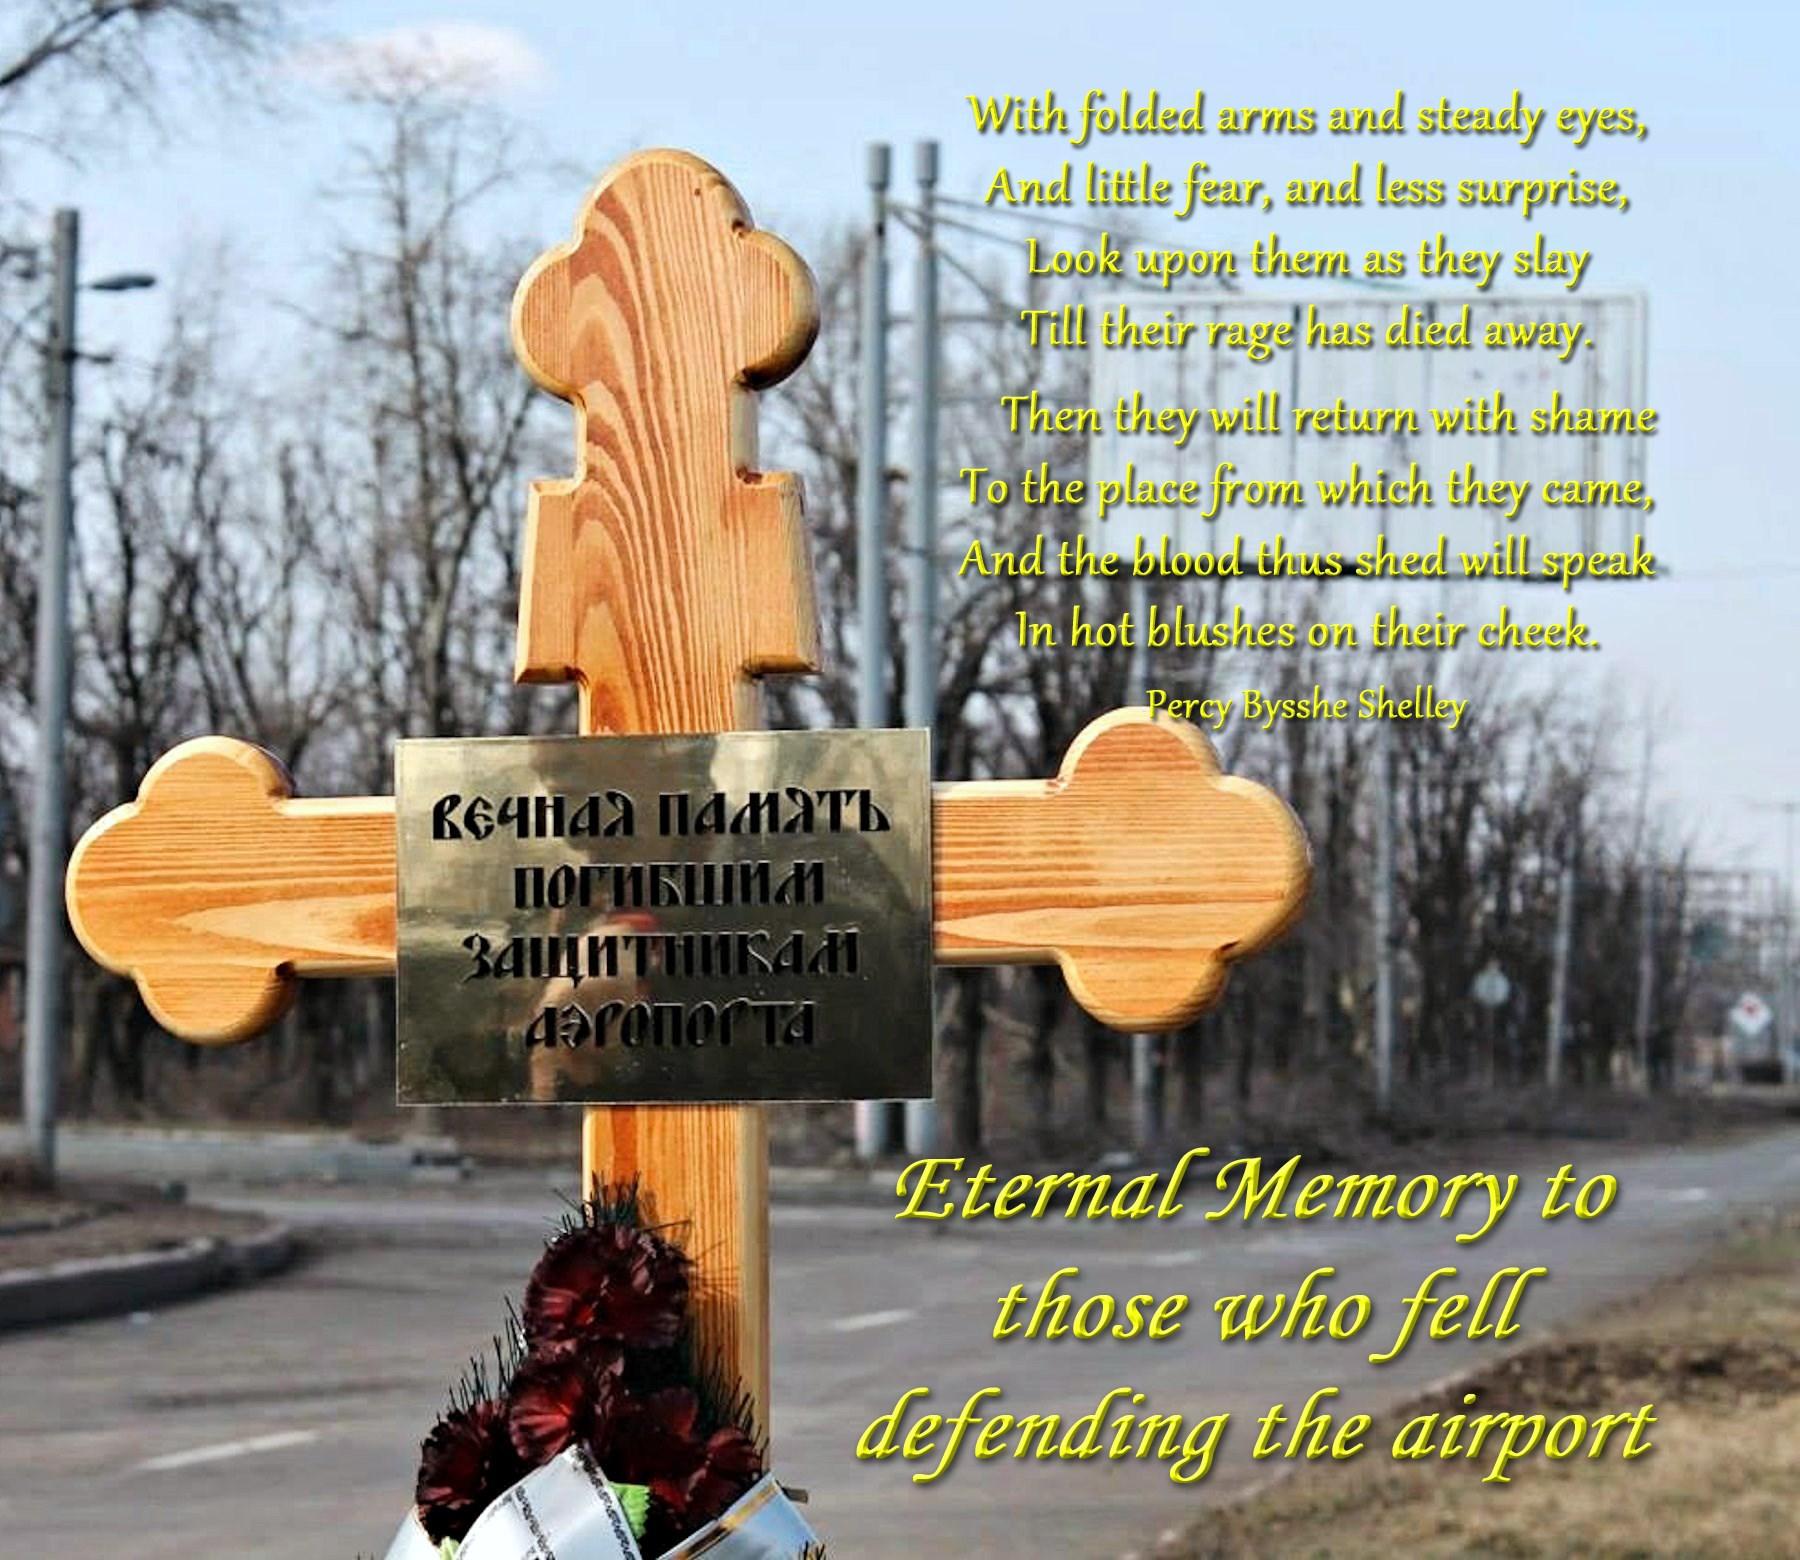 00 memorial cross. donetsk airport. 22.03.15